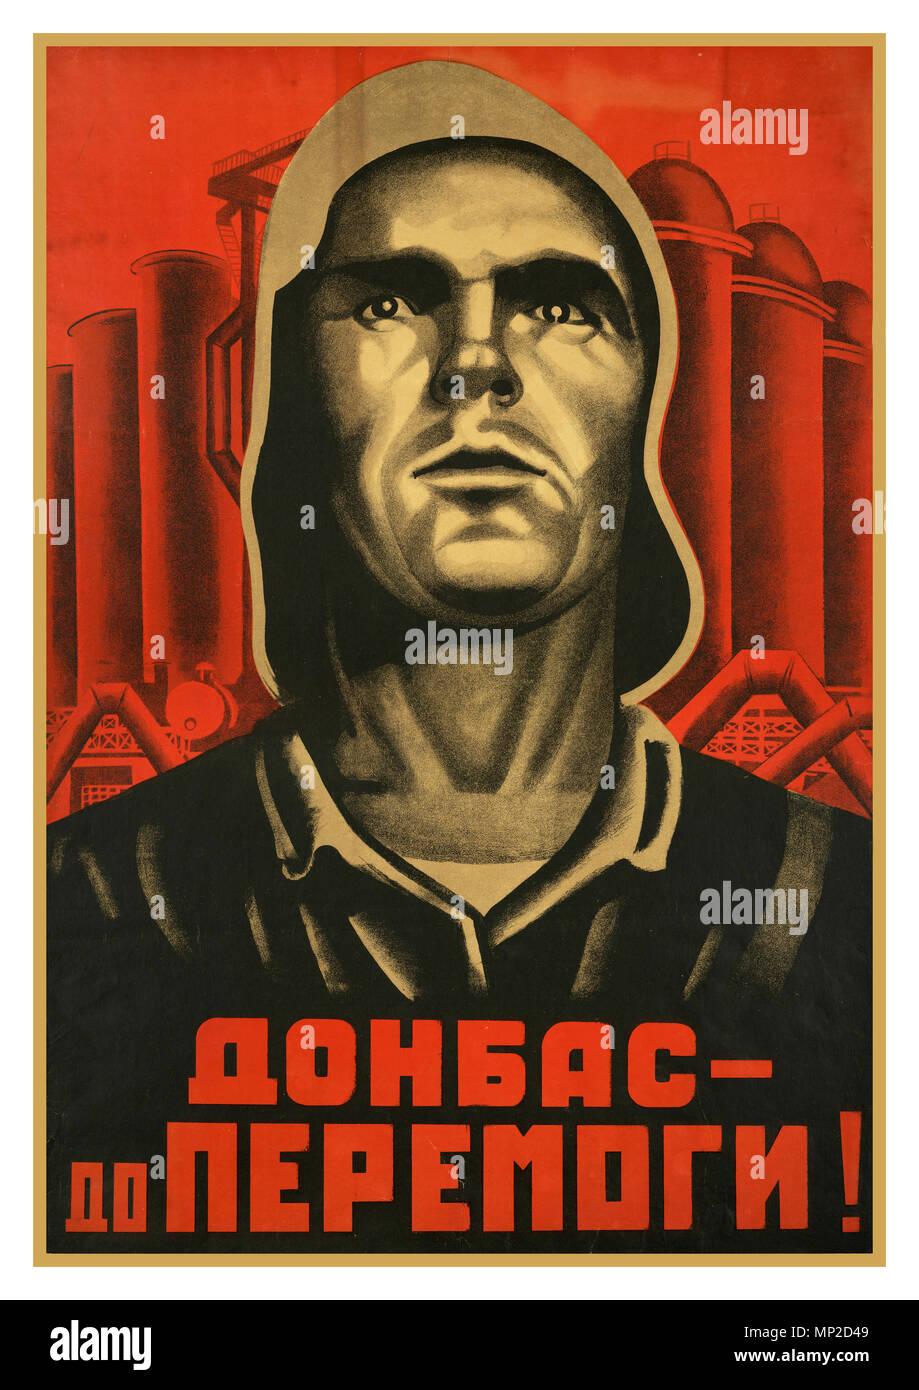 Vintage Unione Sovietica Propaganda Poster Retro arte politica 'Donbas, fino a quando abbiamo superato' Immagini Stock